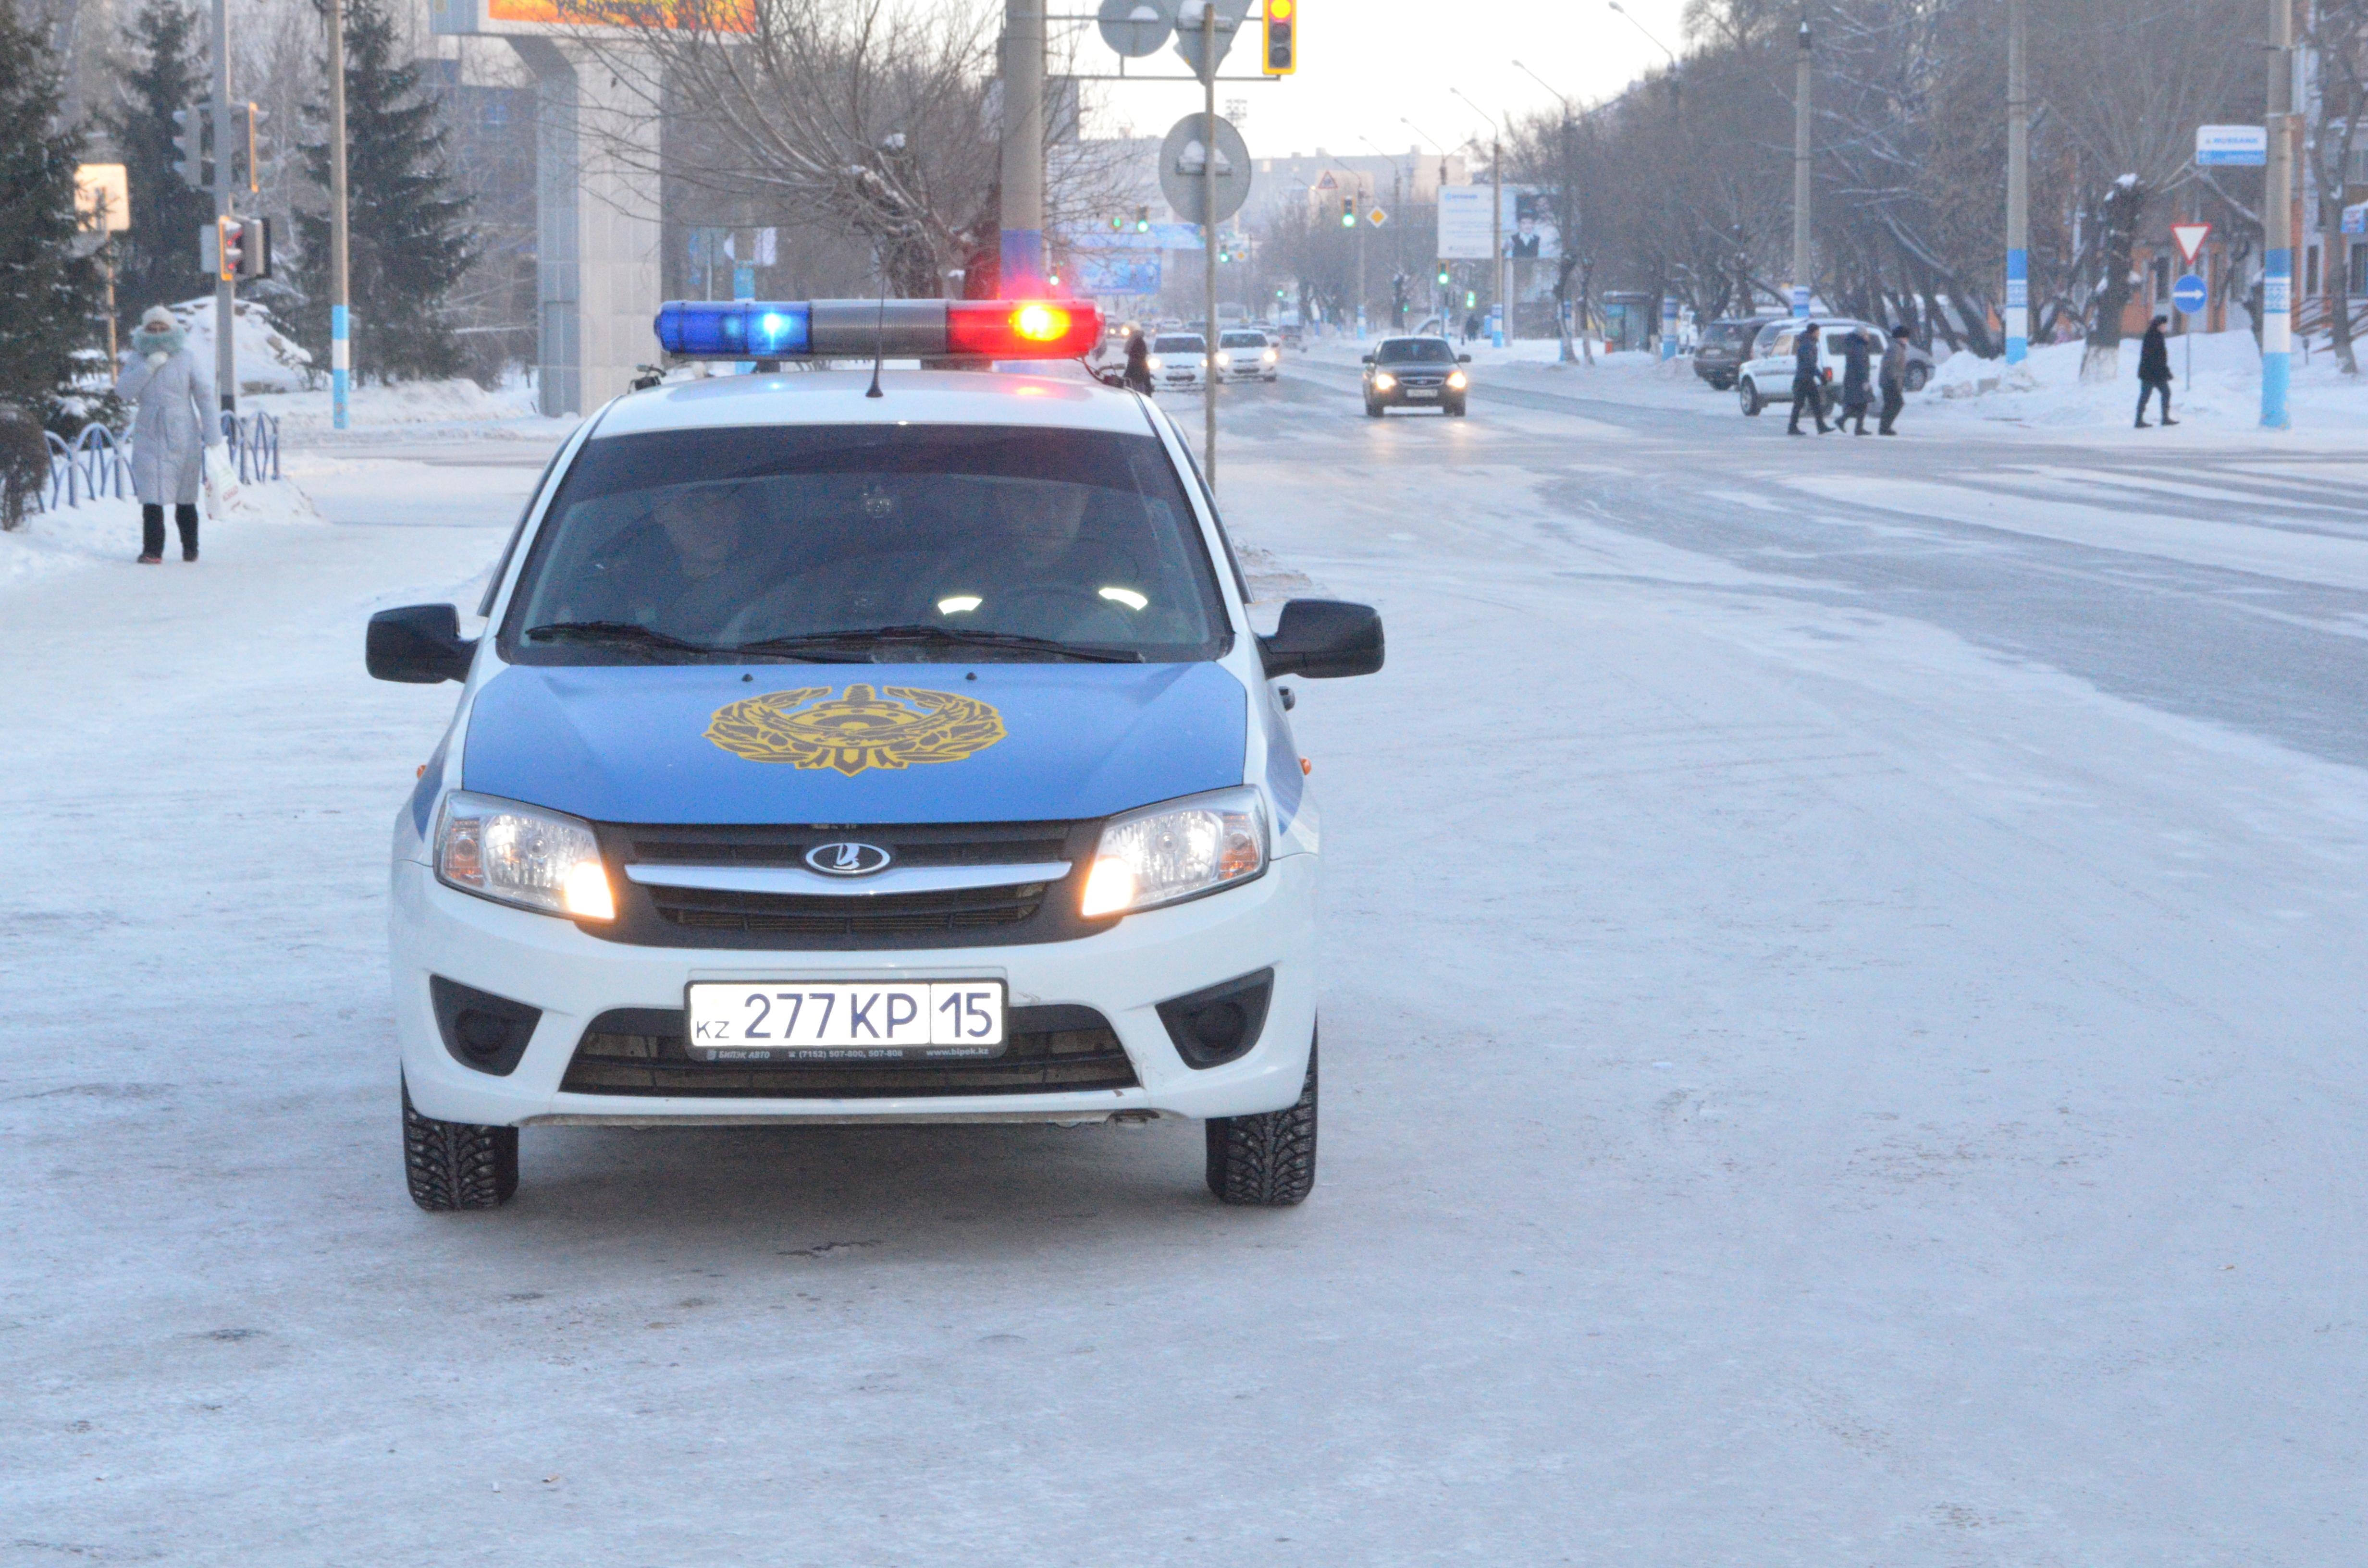 В 2015 году на перекрестках Петропавловска системами фото и видеофиксации зарегистрировано более 27 тысяч нарушений ПДД